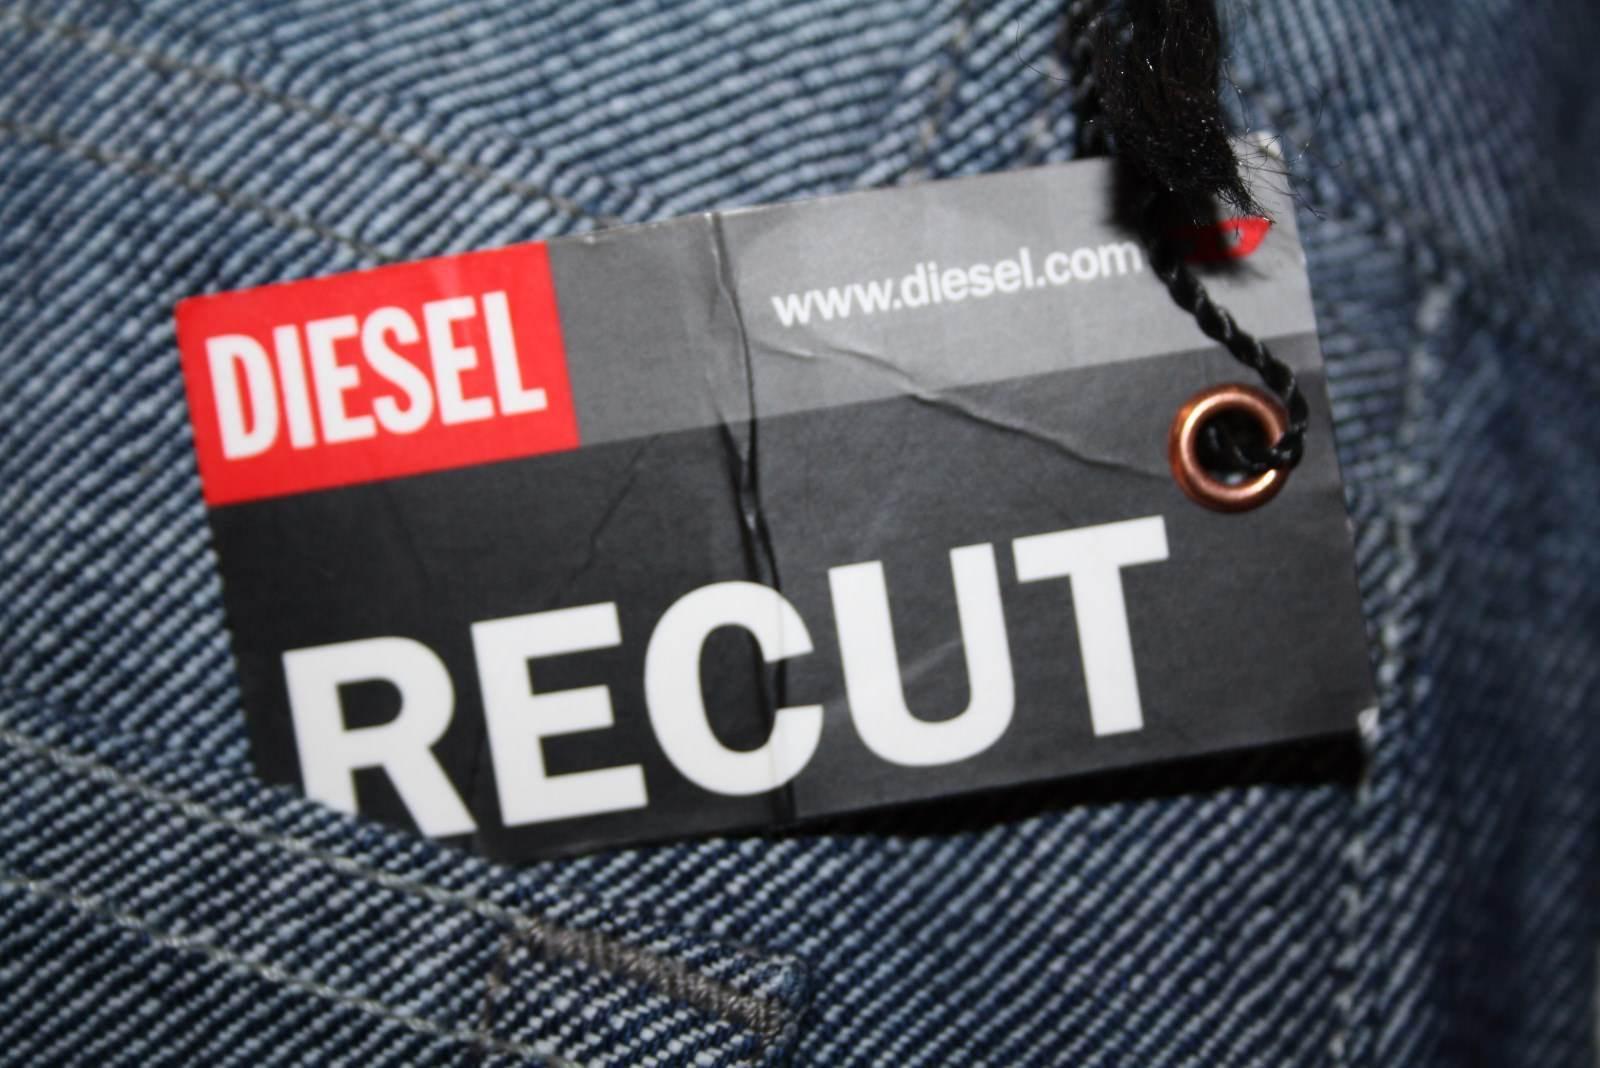 Diesel Jeans RECUT dark neu gerader Schnitt 100% Baumwolle Berlin Rarität  | Ausgang  | Shopping Online  | Smart